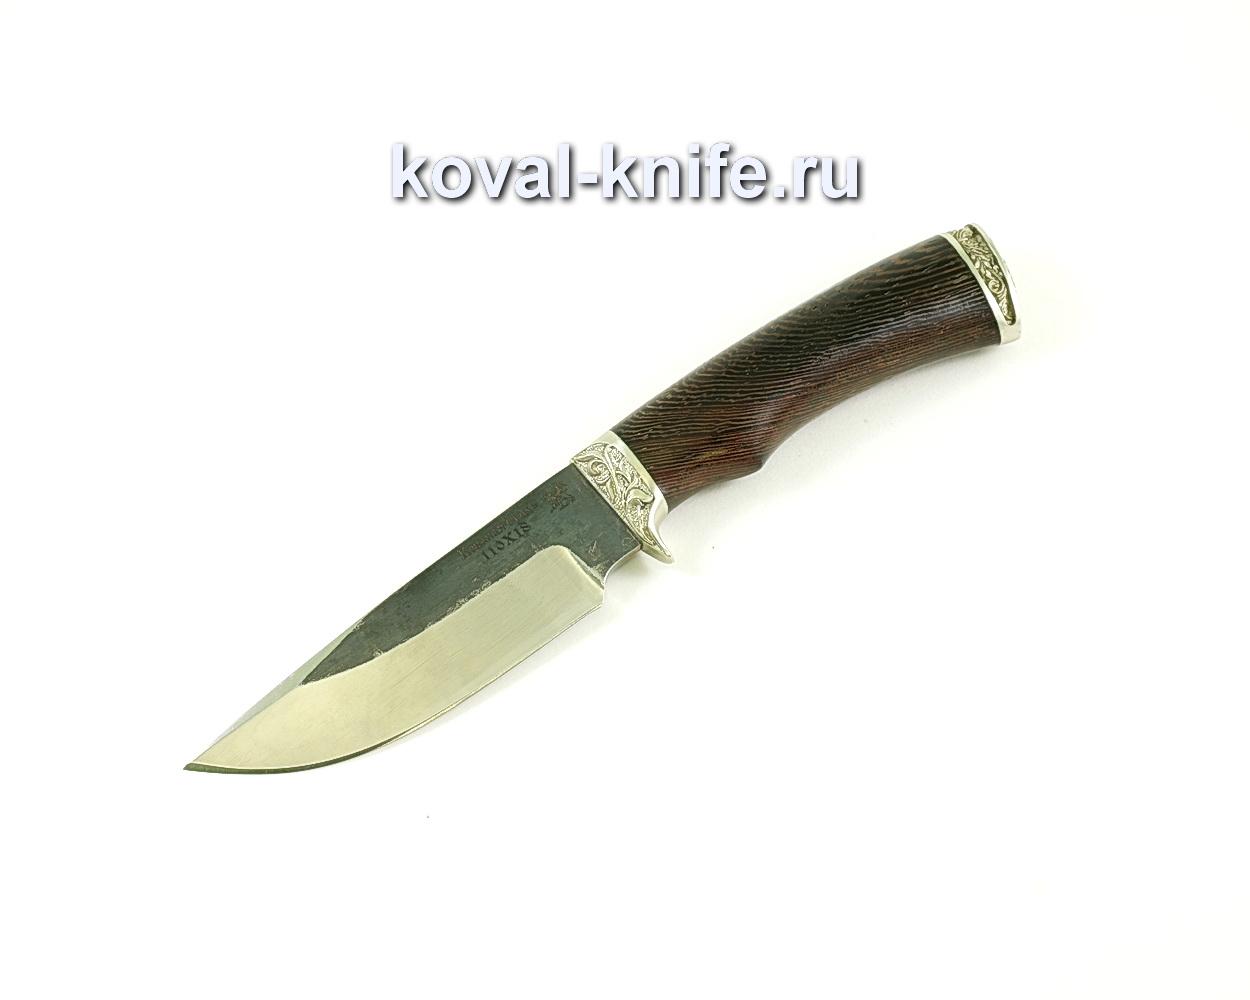 Нож Норвег (сталь 110х18), рукоять венге, литье A157